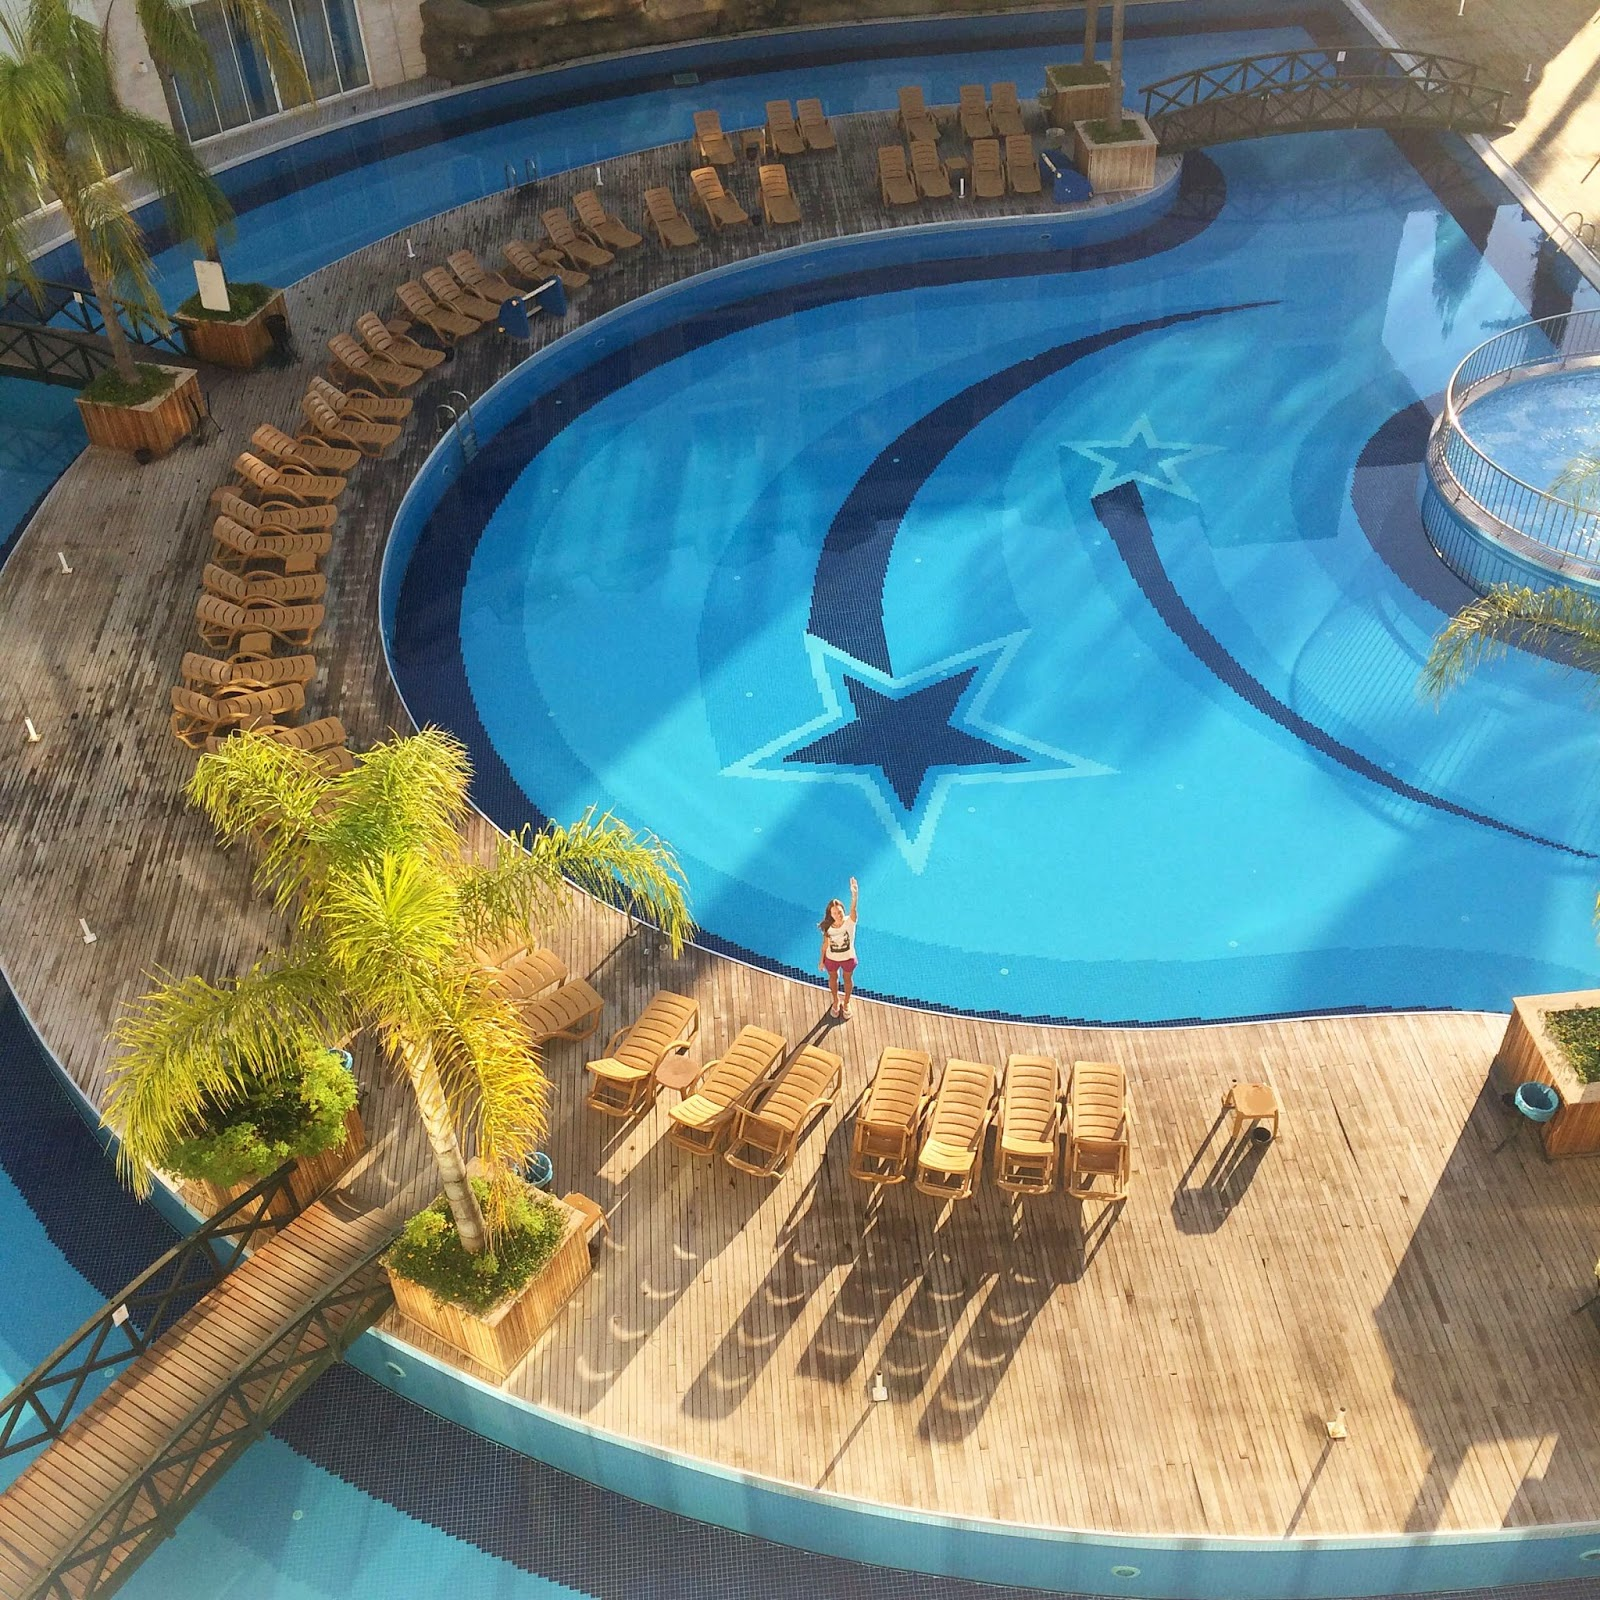 meder-resort-hotel-pool-kemer-antalya-turkey